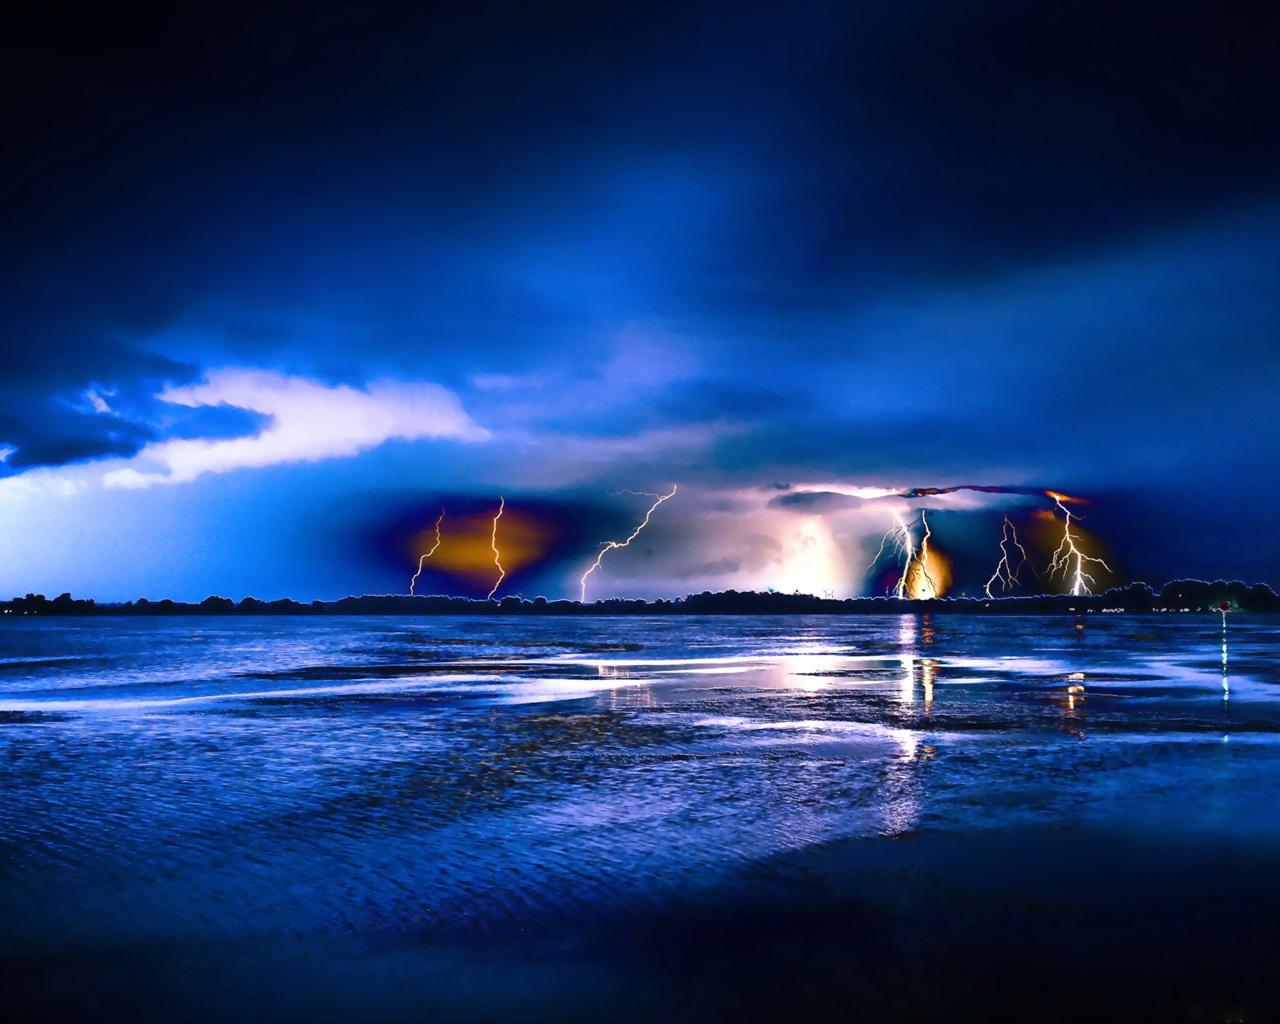 Fonds d 39 cran bleu nuit la foudre la mer 2560x1440 qhd image for Fond ecran qhd